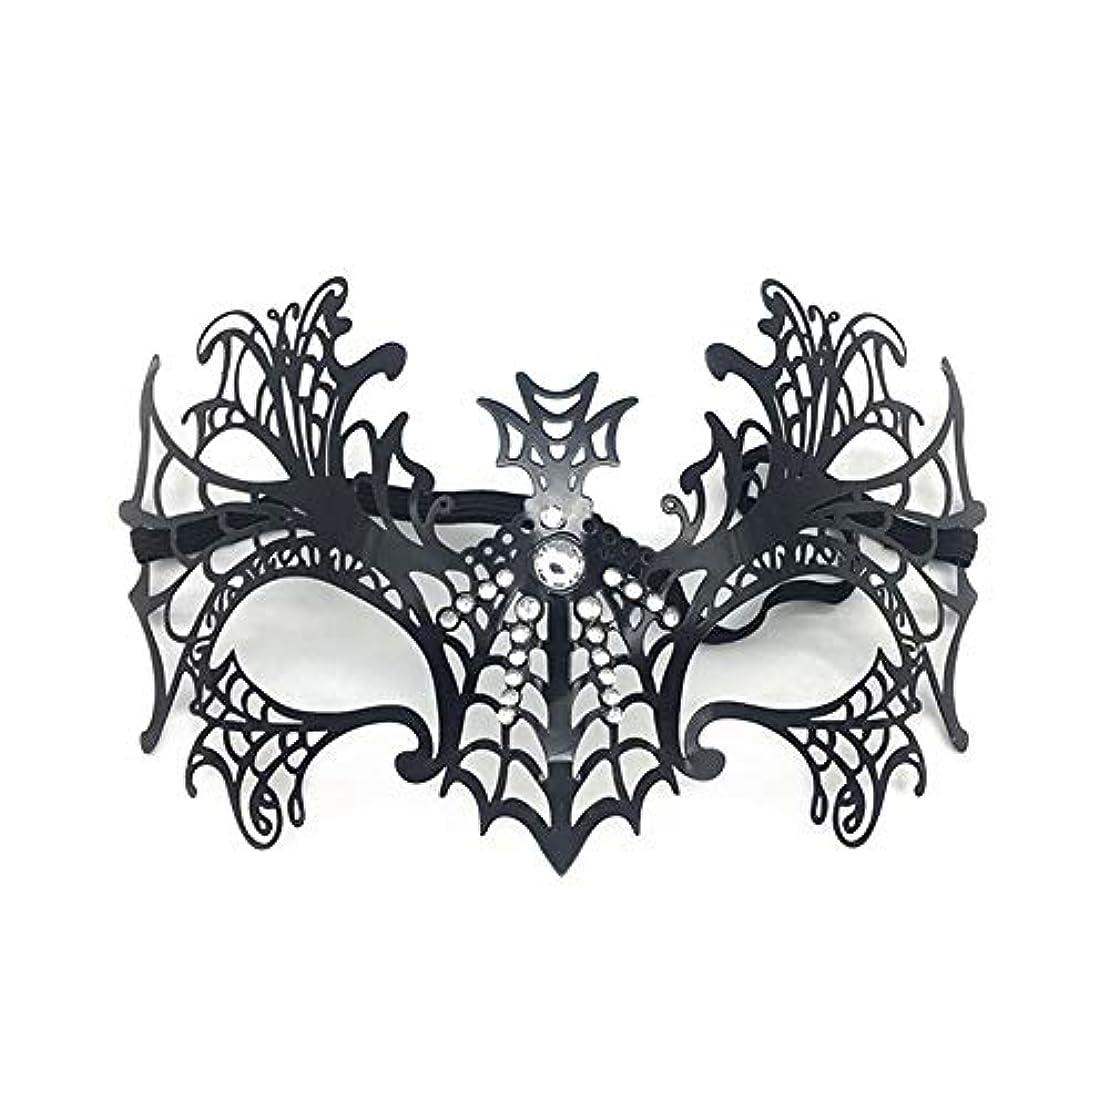 なのでギャップバーガーダンスマスク バットパーティーセクシーカットアウトハーフフェイスメタルダイヤモンドダイヤモンド女性用仮面舞踏会マスク パーティーボールマスク (色 : ブラック, サイズ : 19x10.5cm)